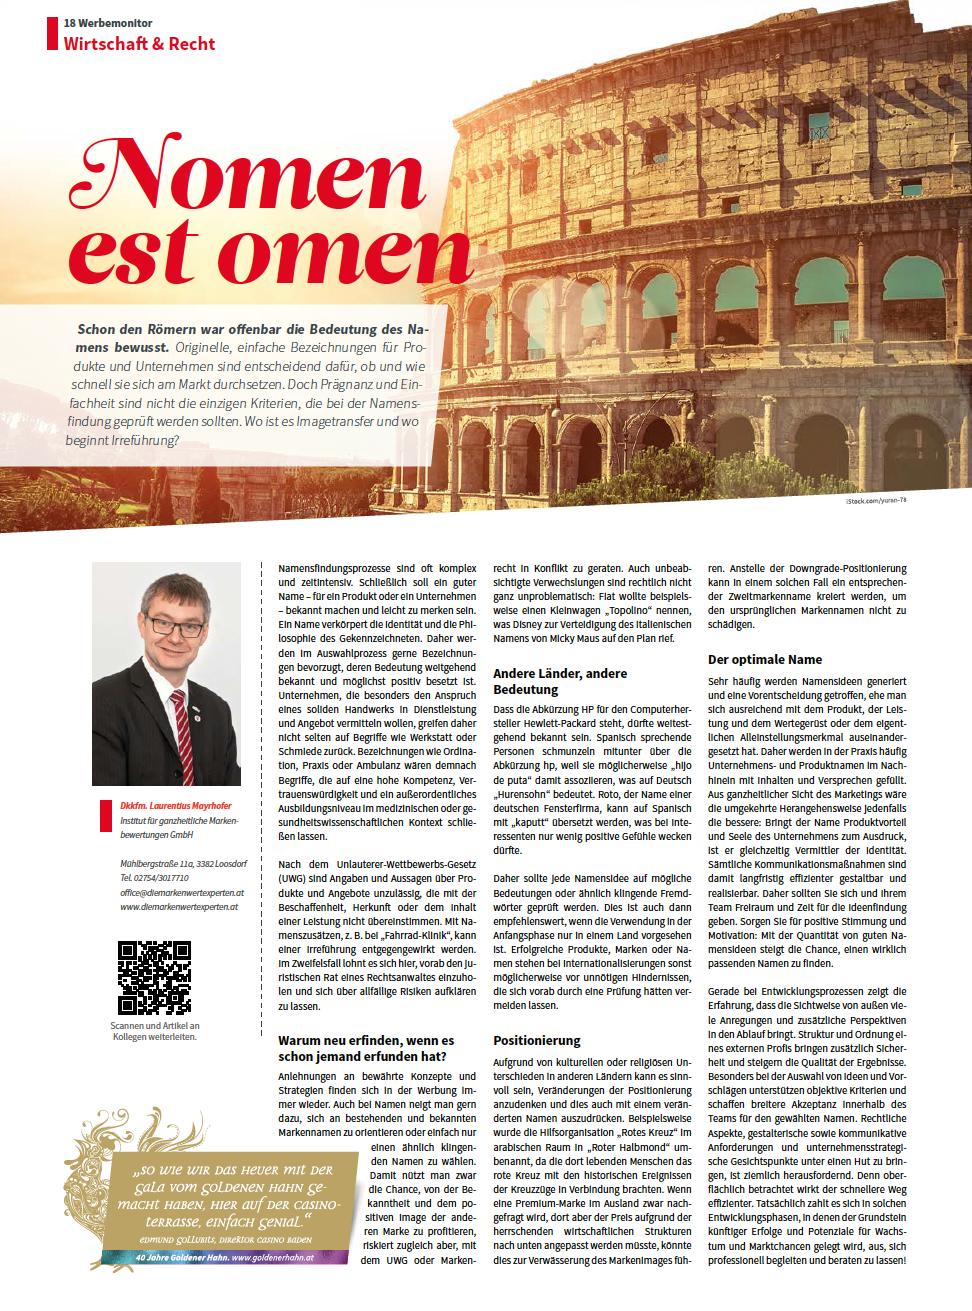 nomen est Omen - Fachartikel über Namensfindung für Produkte, Marken und Unternehmen